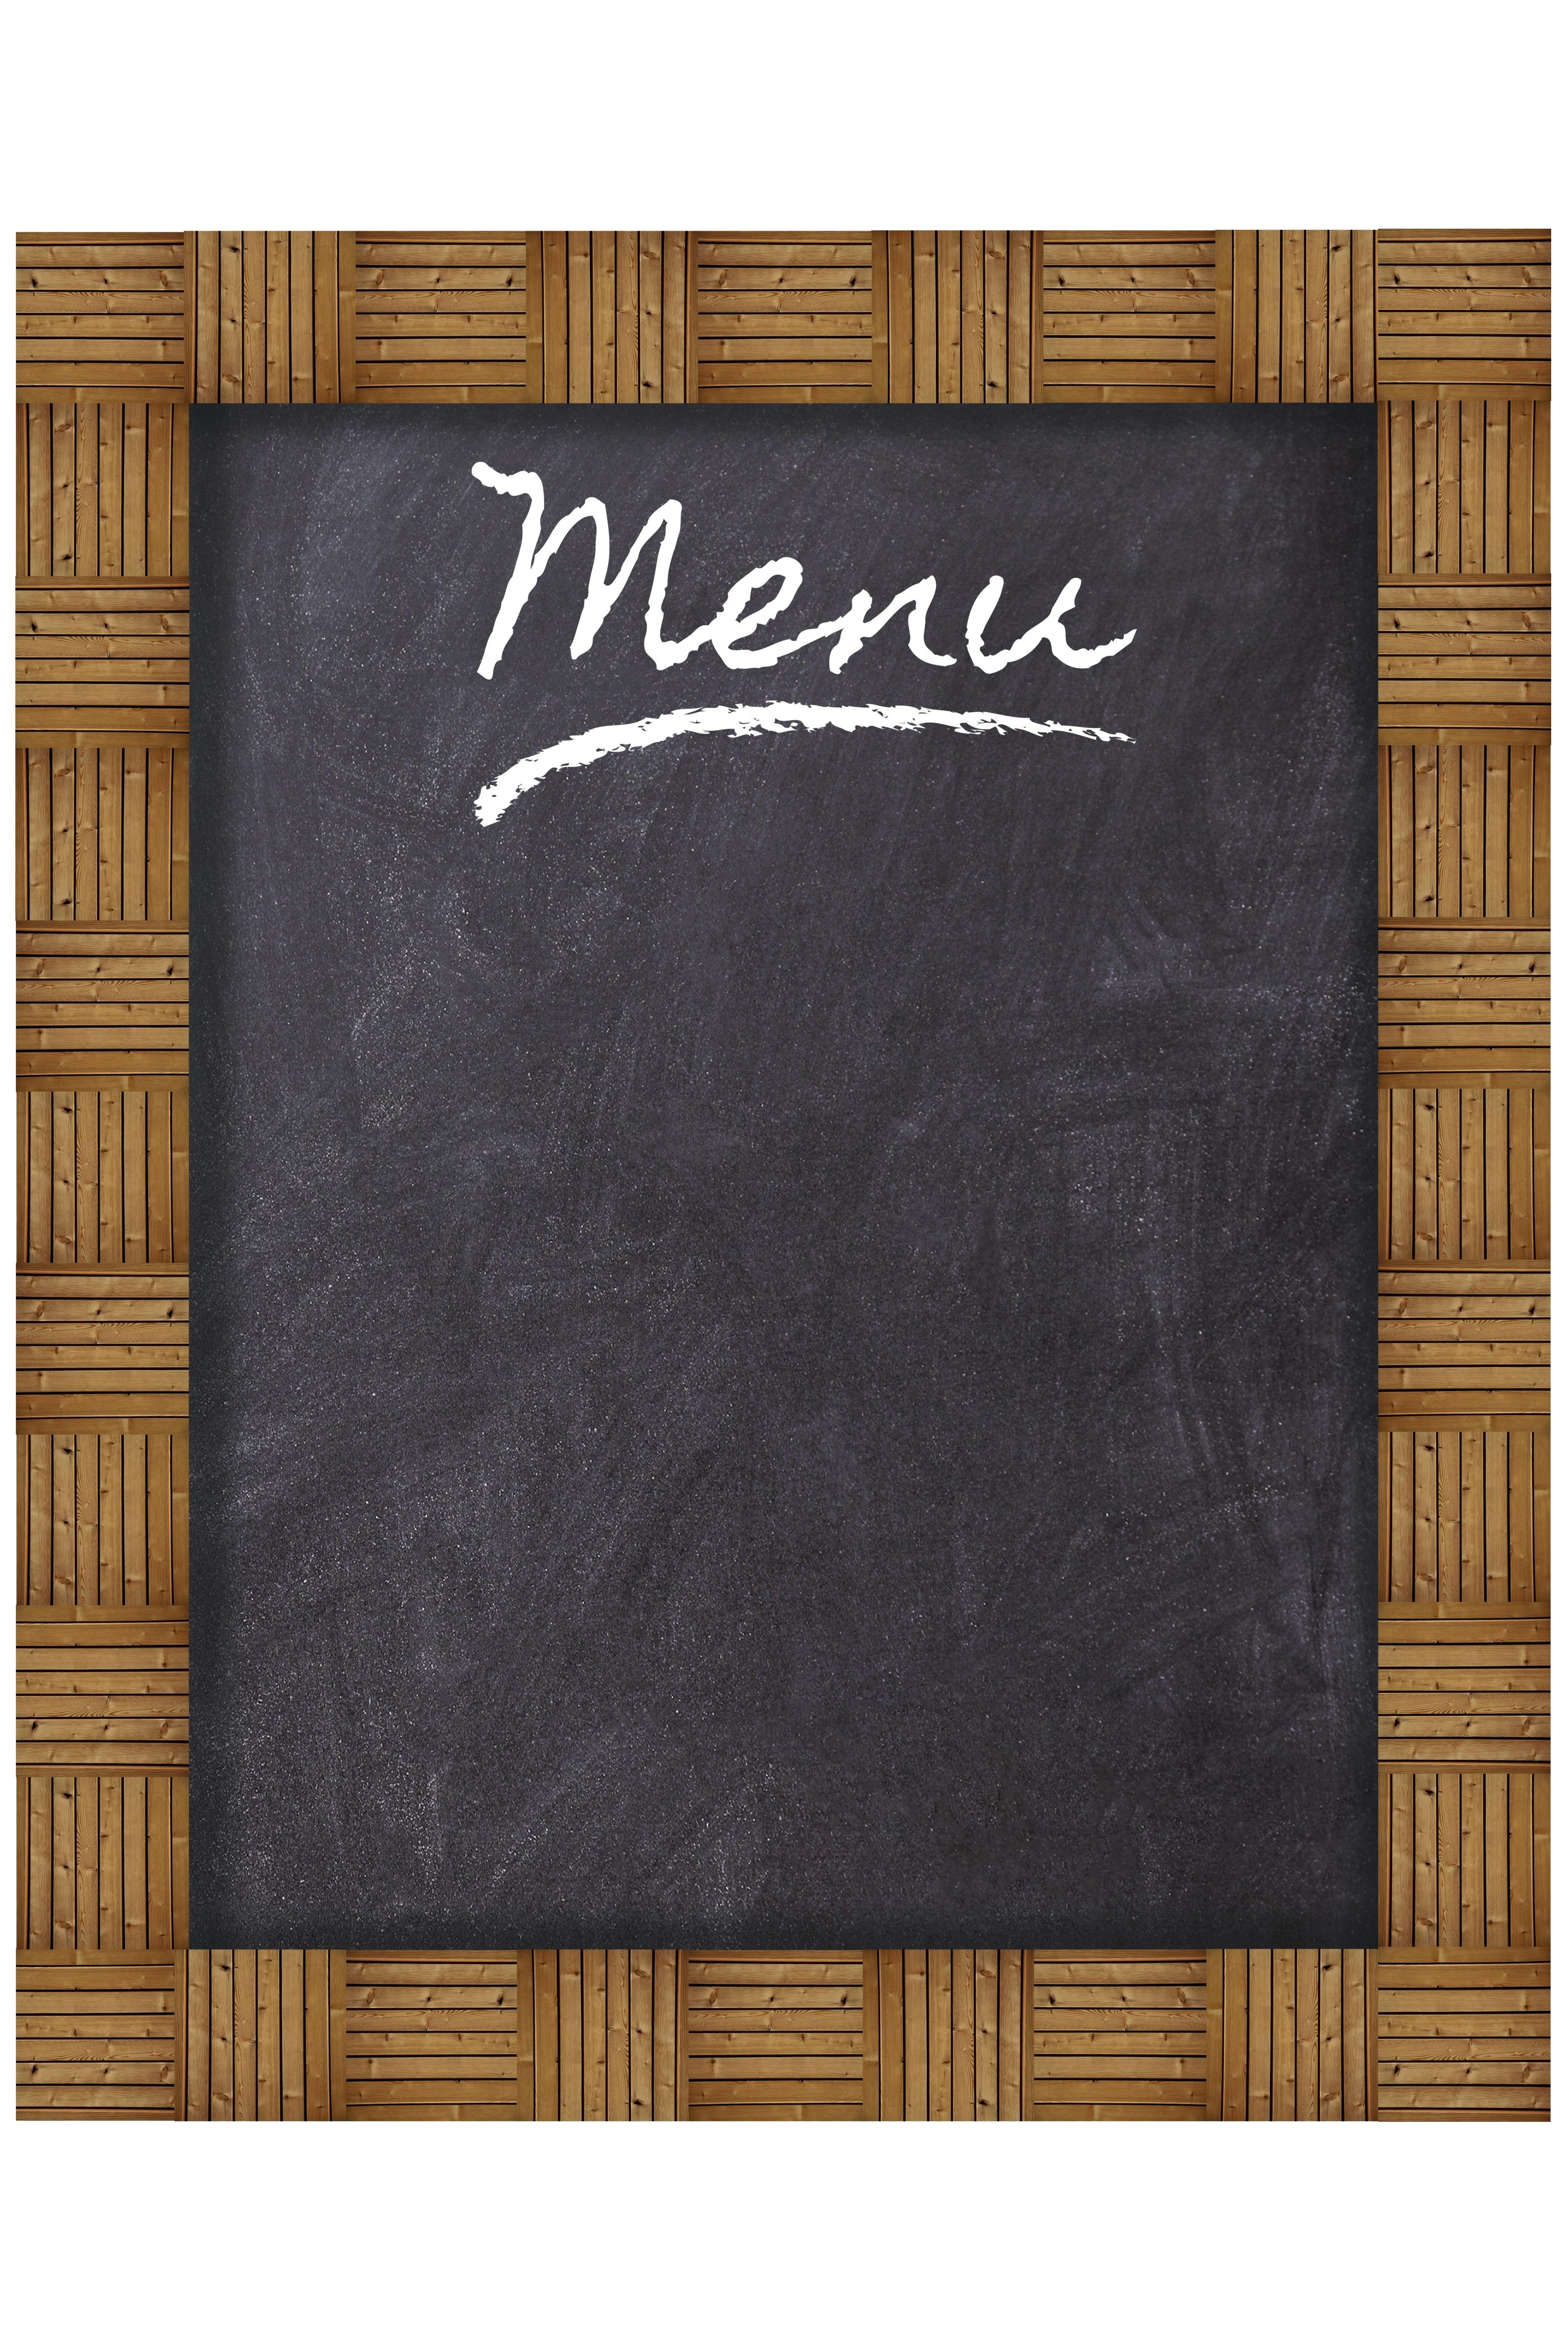 Fotos gratis : tablero, madera, restaurante, menú, pizarra, marco ...